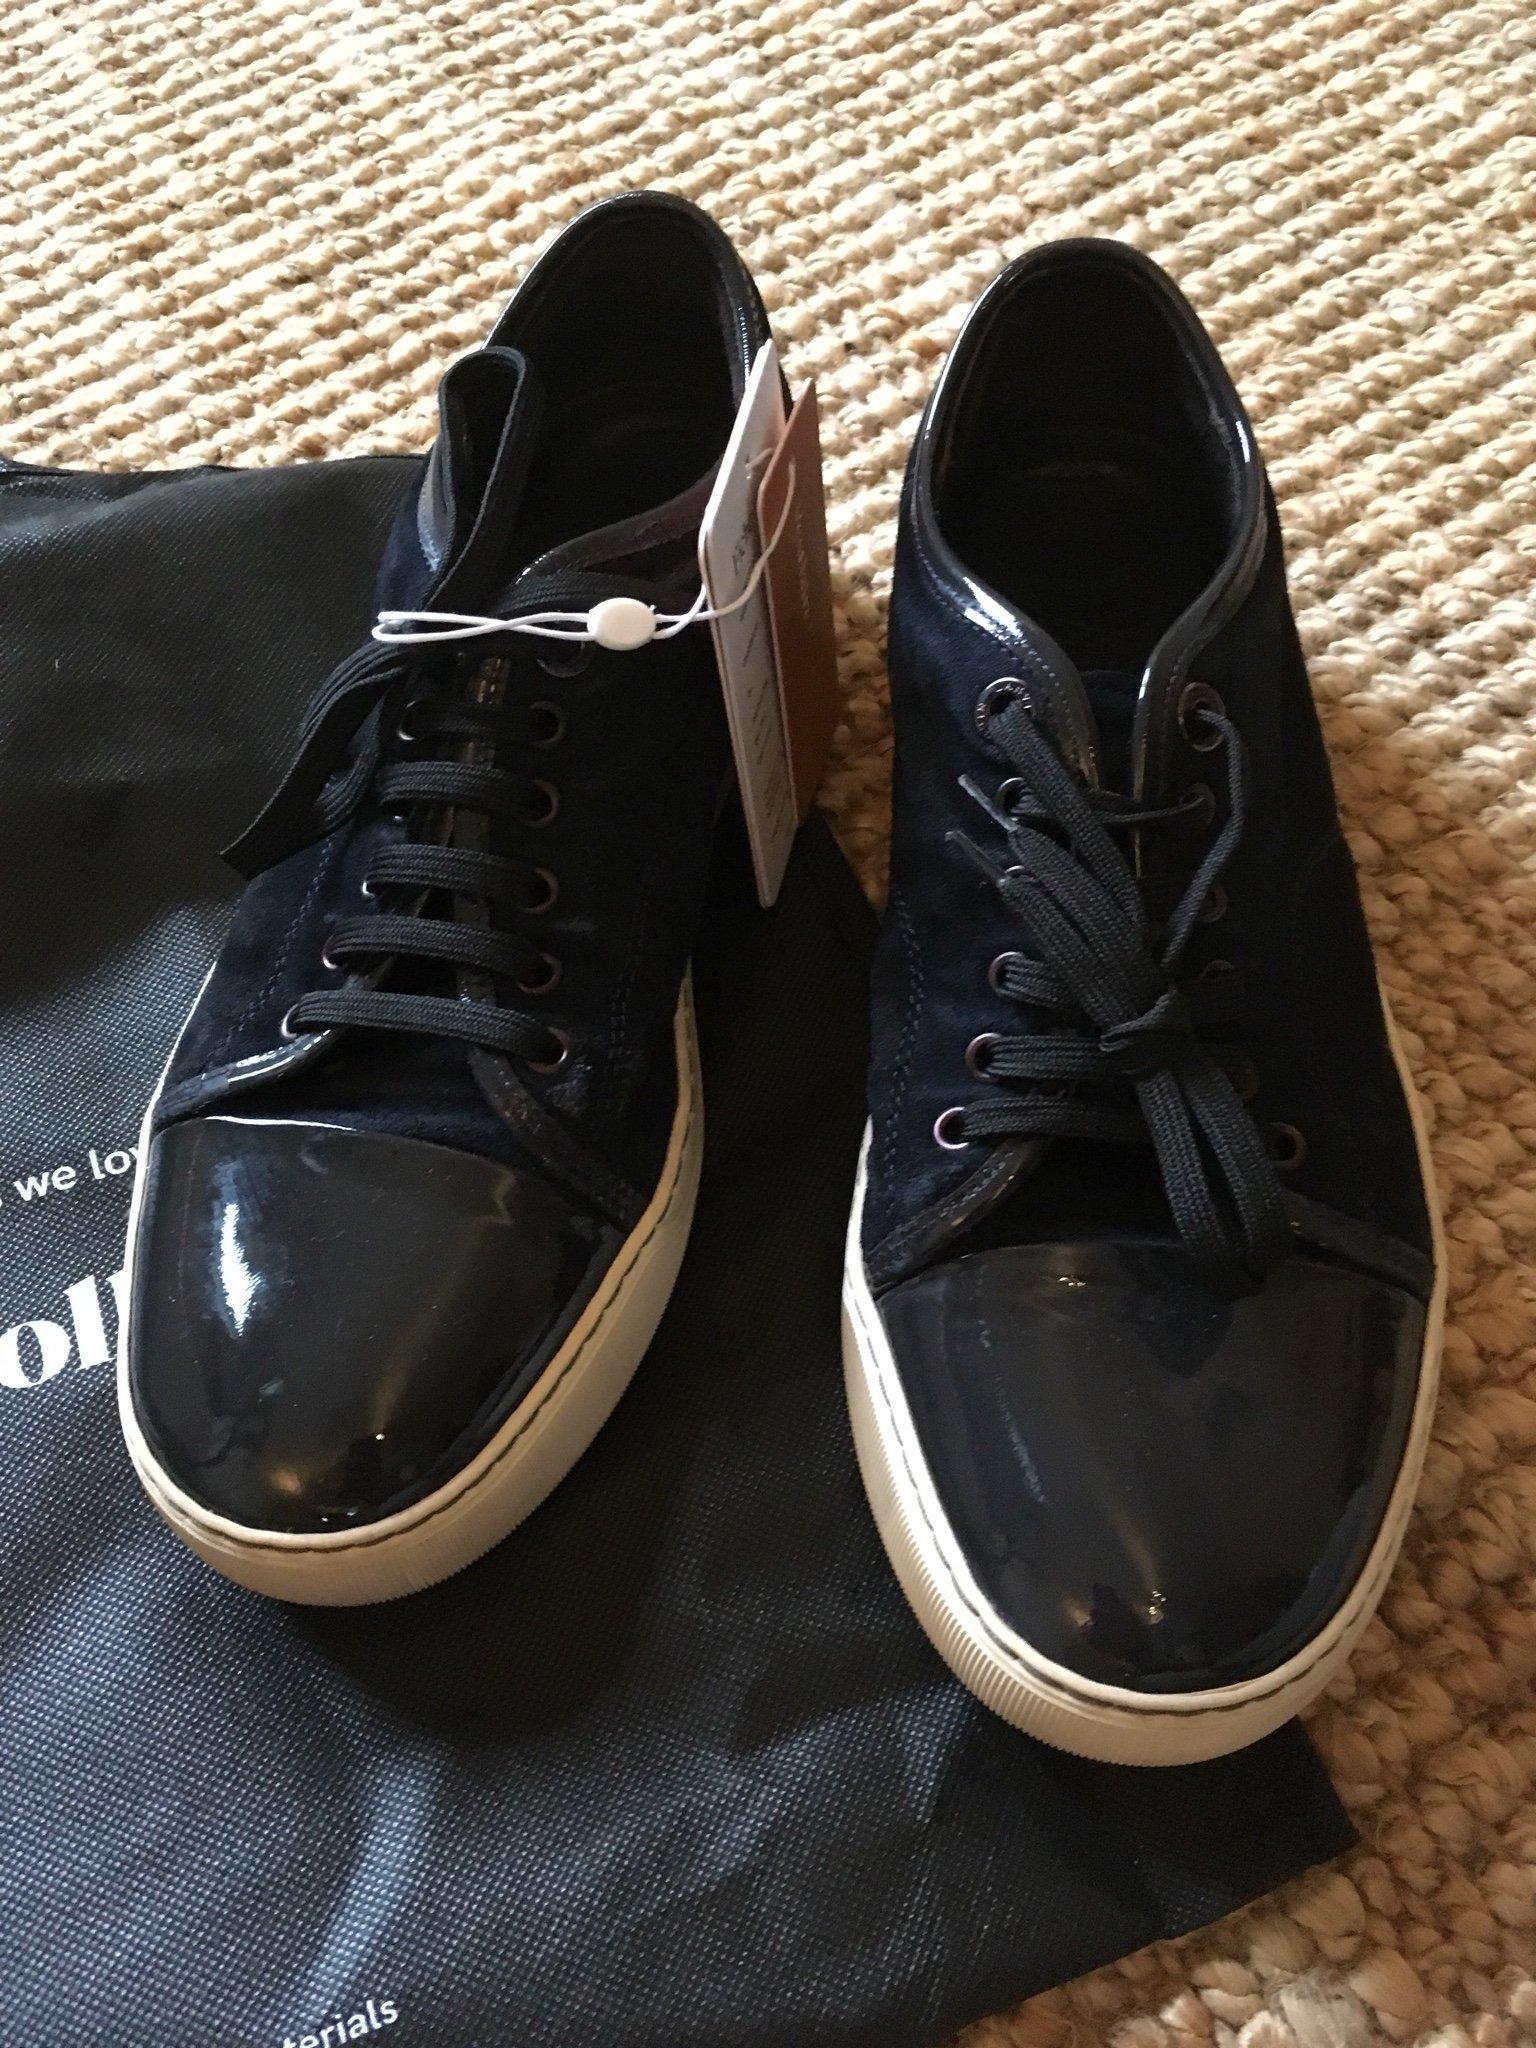 527d9bf910e Lanvin sneakers herr 40 (349443664) ᐈ Köp på Tradera